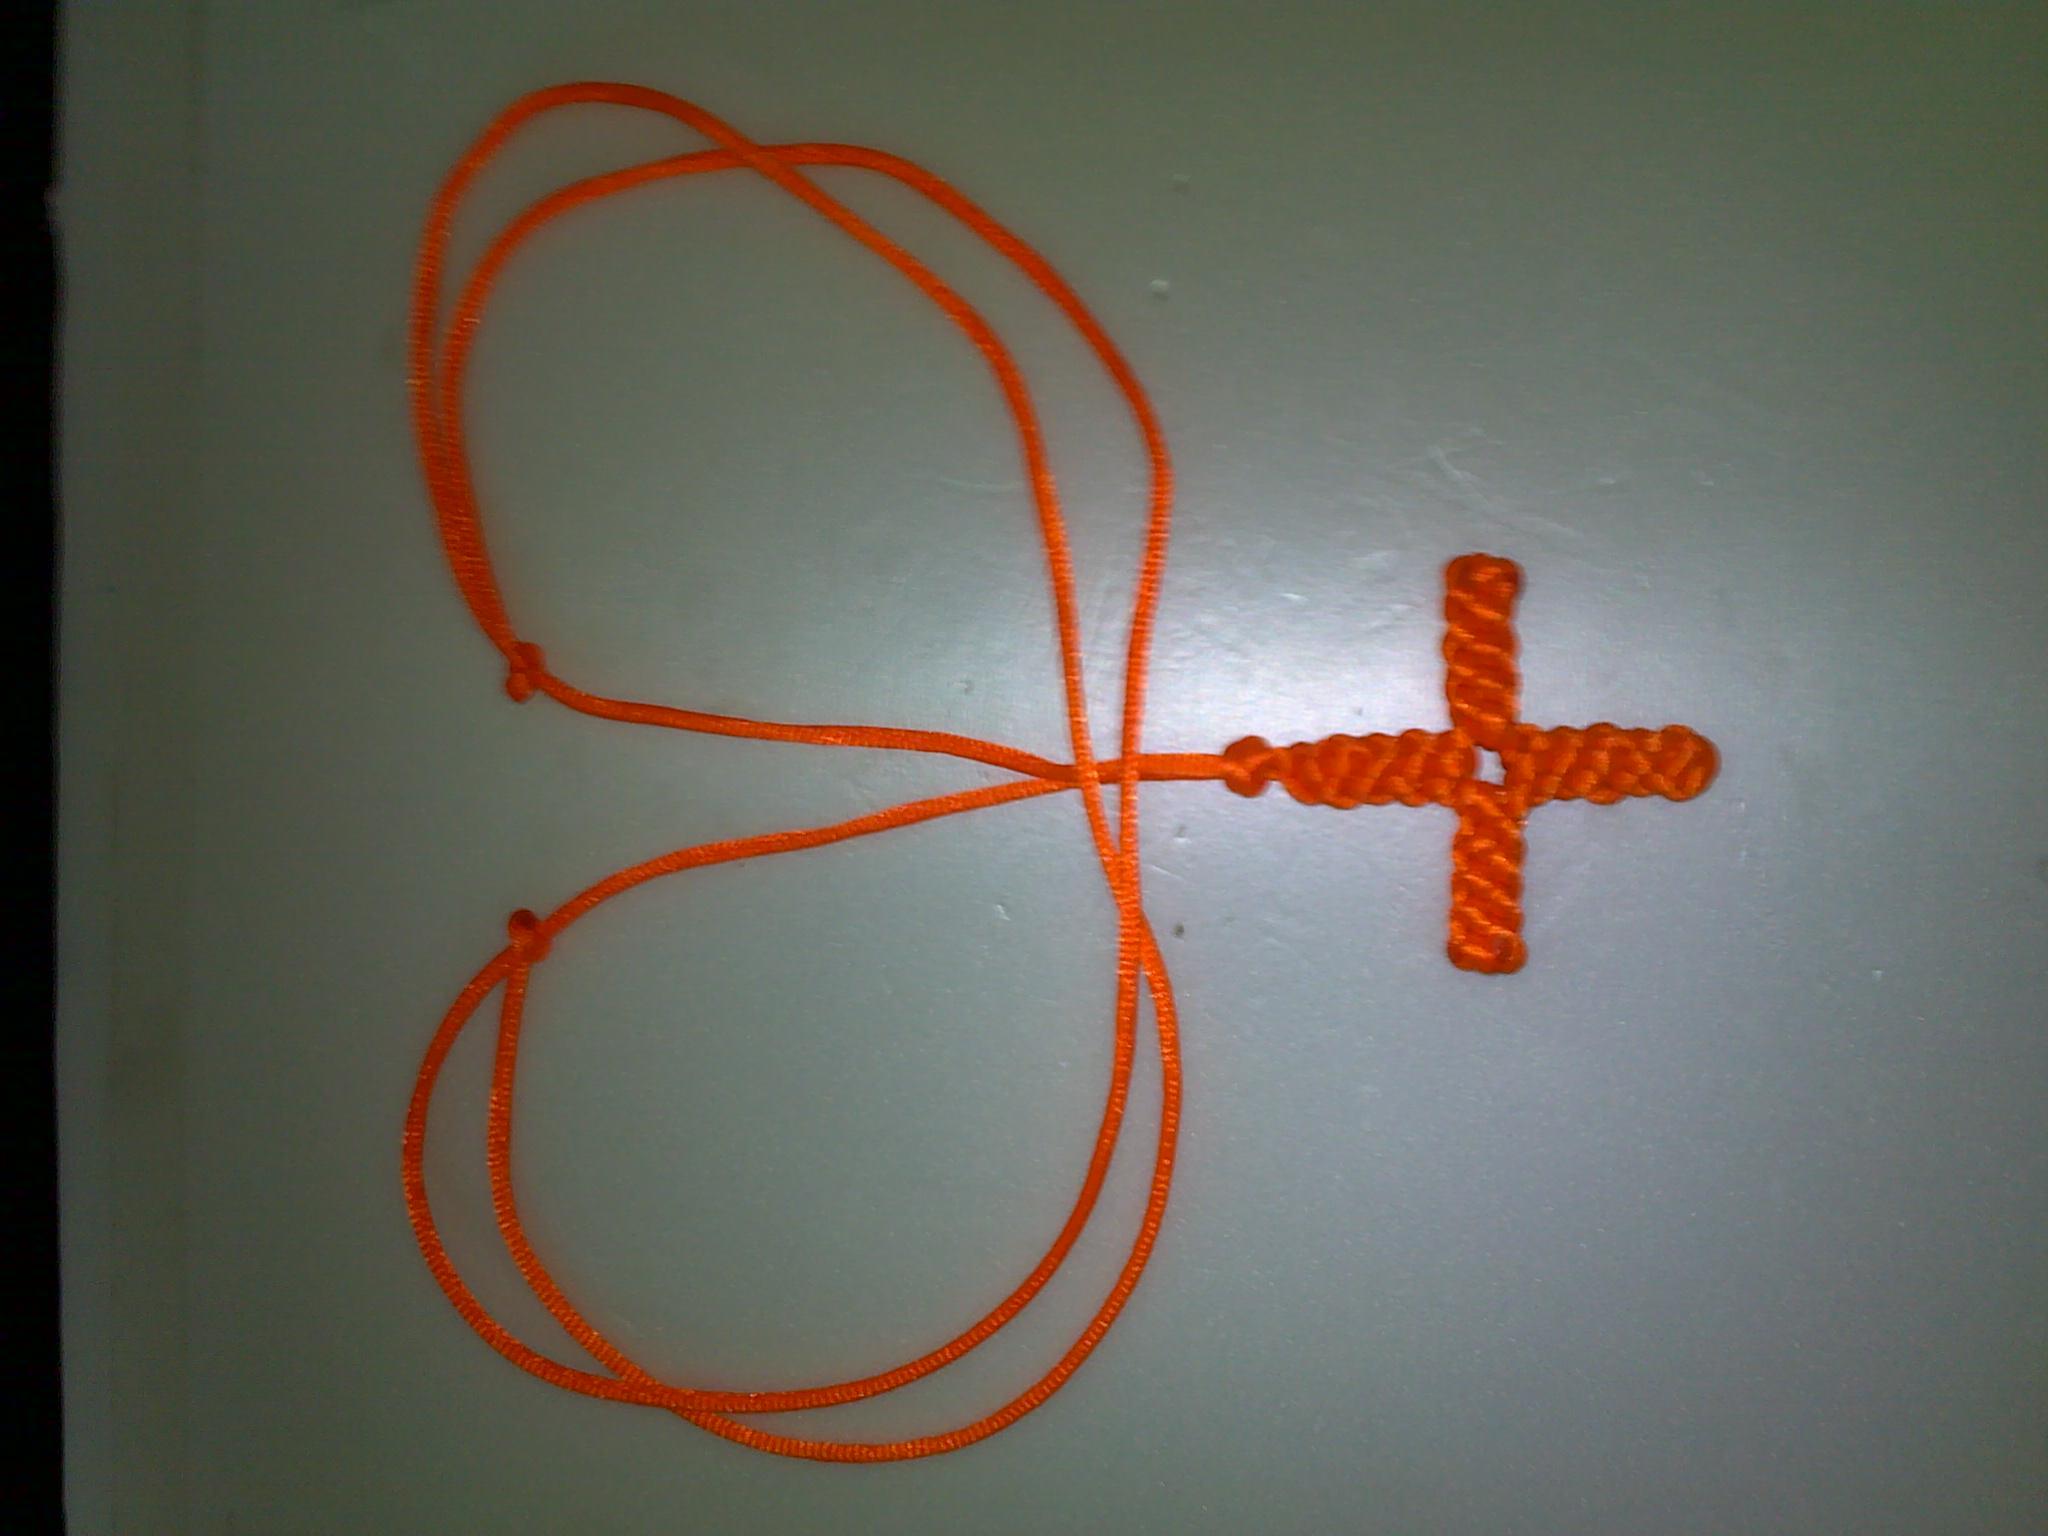 吊坠绳结的打法图解